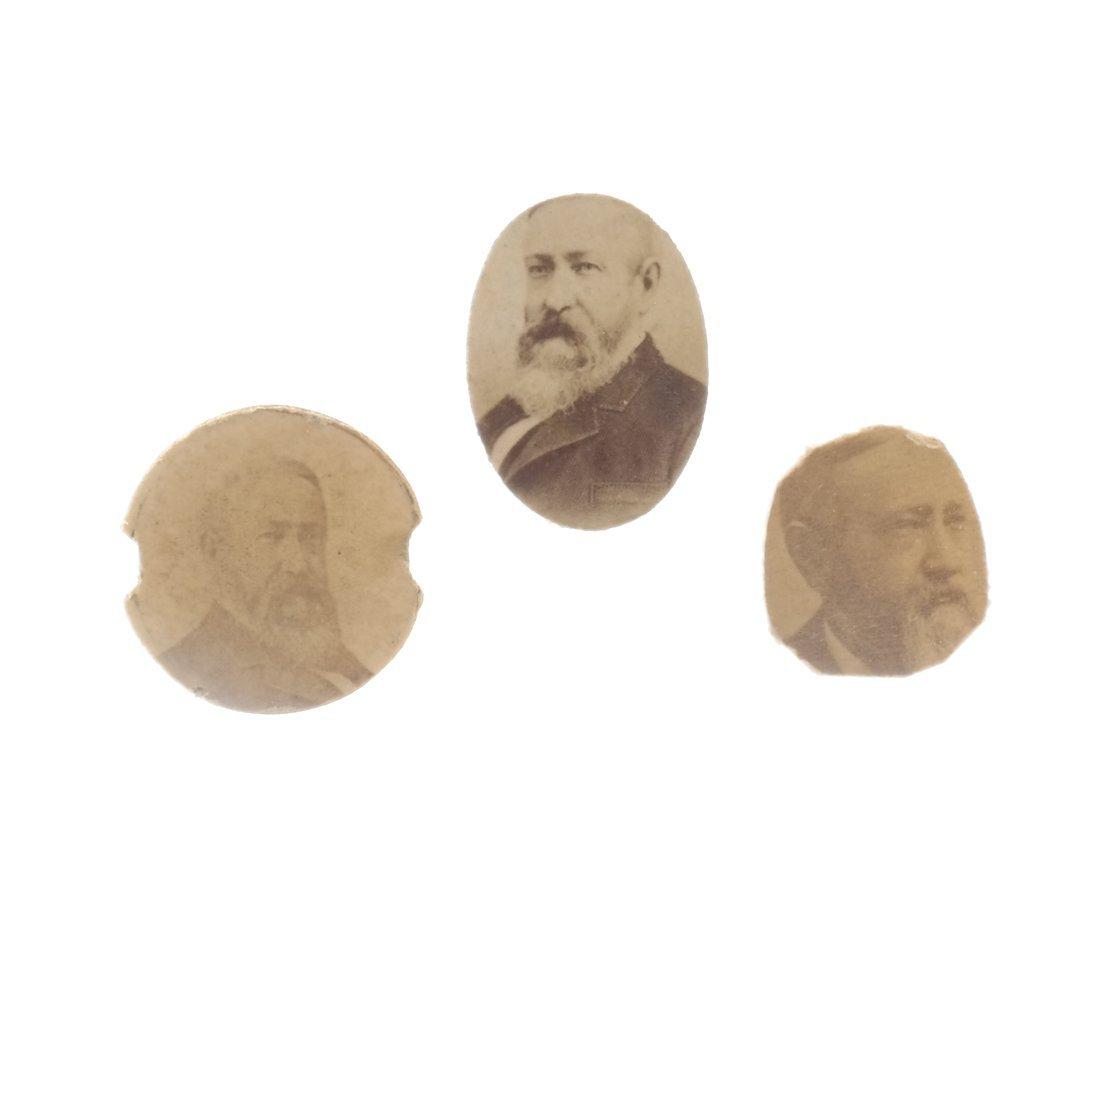 Miscellaneous 1892 Albumen Prints & Badges - 6